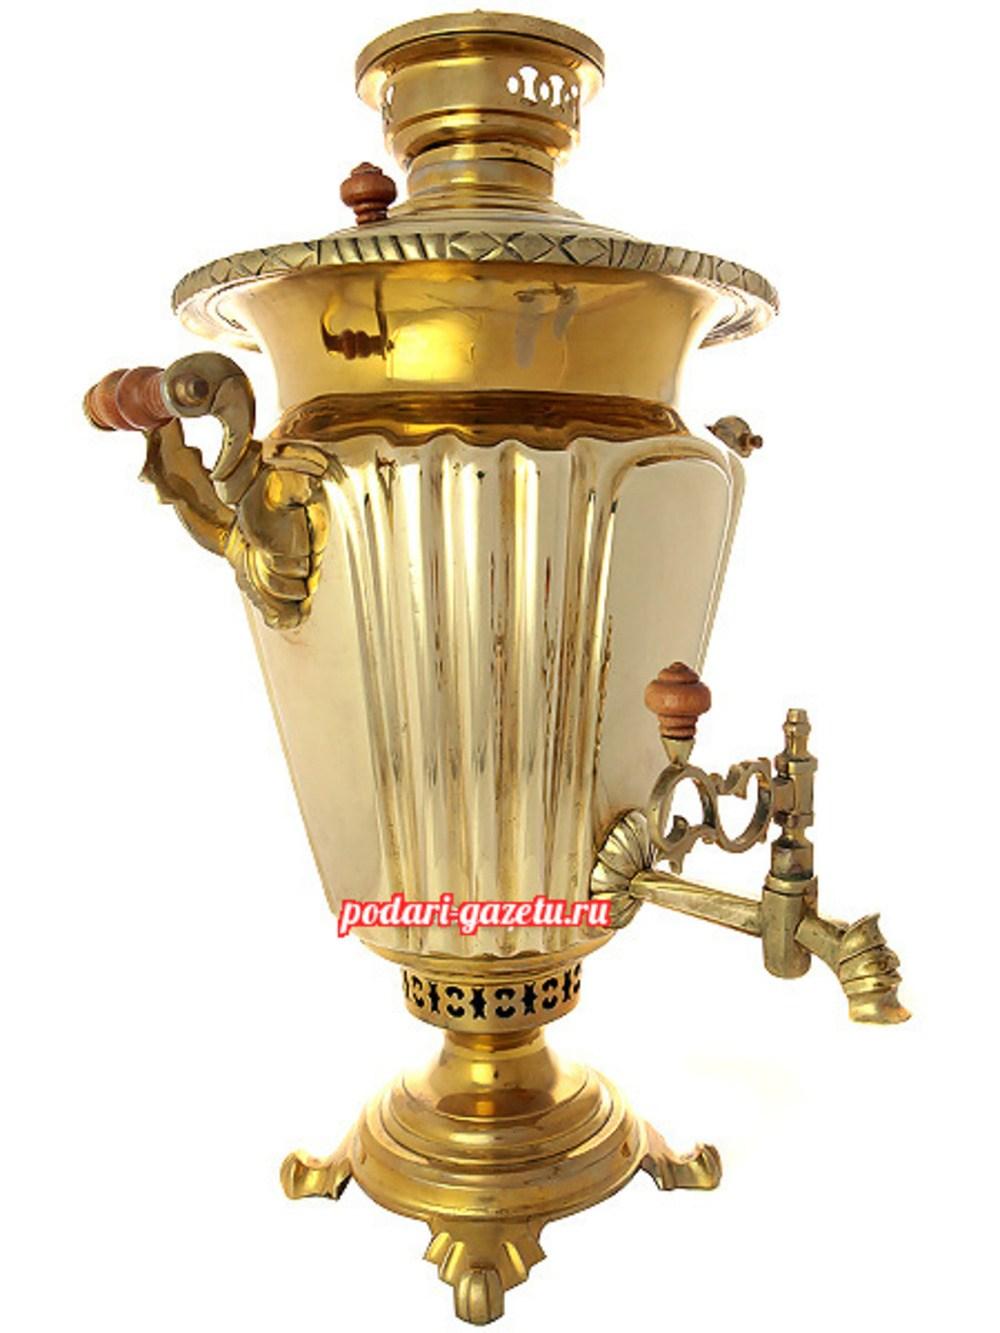 Угольный самовар (жаровый, дровяной) (8 литров) желтый конус граненый